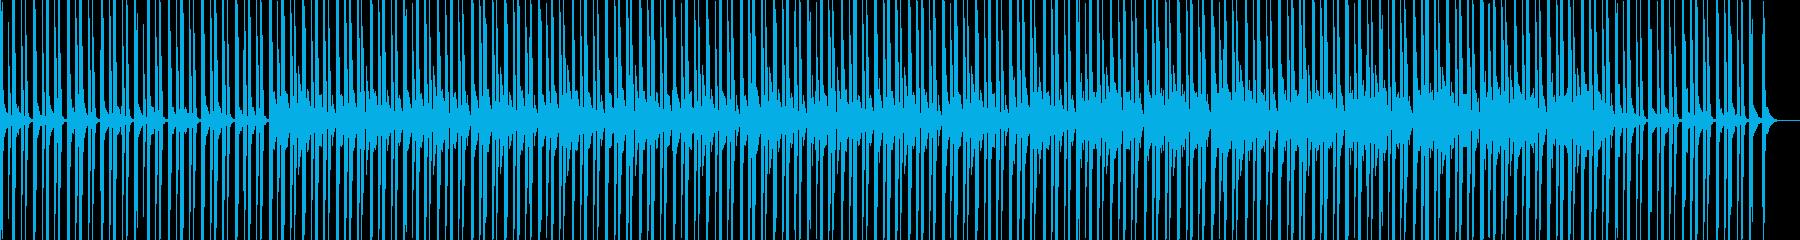 ピアノ エレクトロニカ ミニマルの再生済みの波形